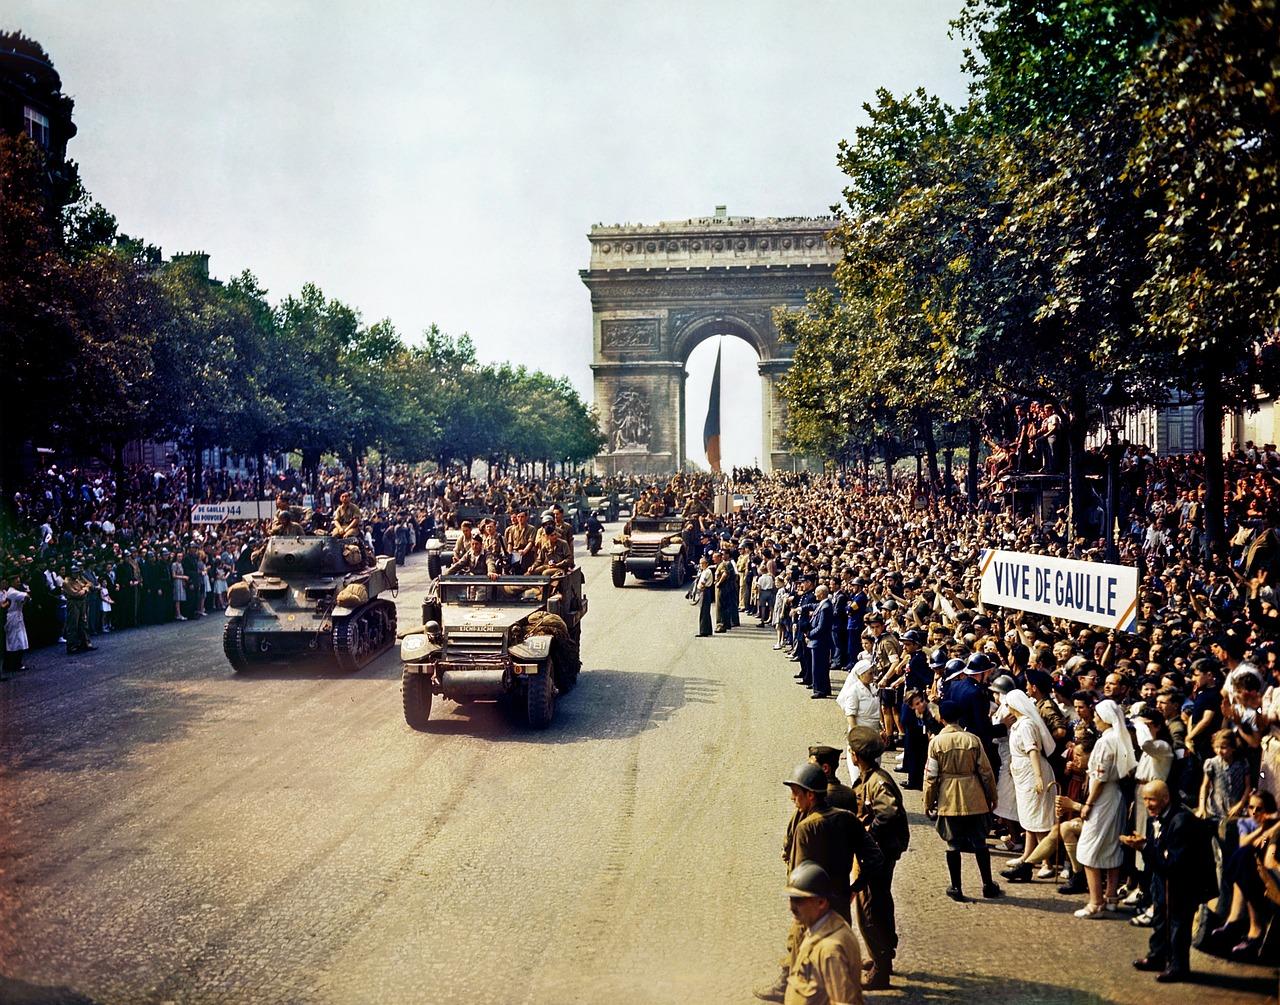 Les grands moments  qui ont marqué l'histoire de la France.